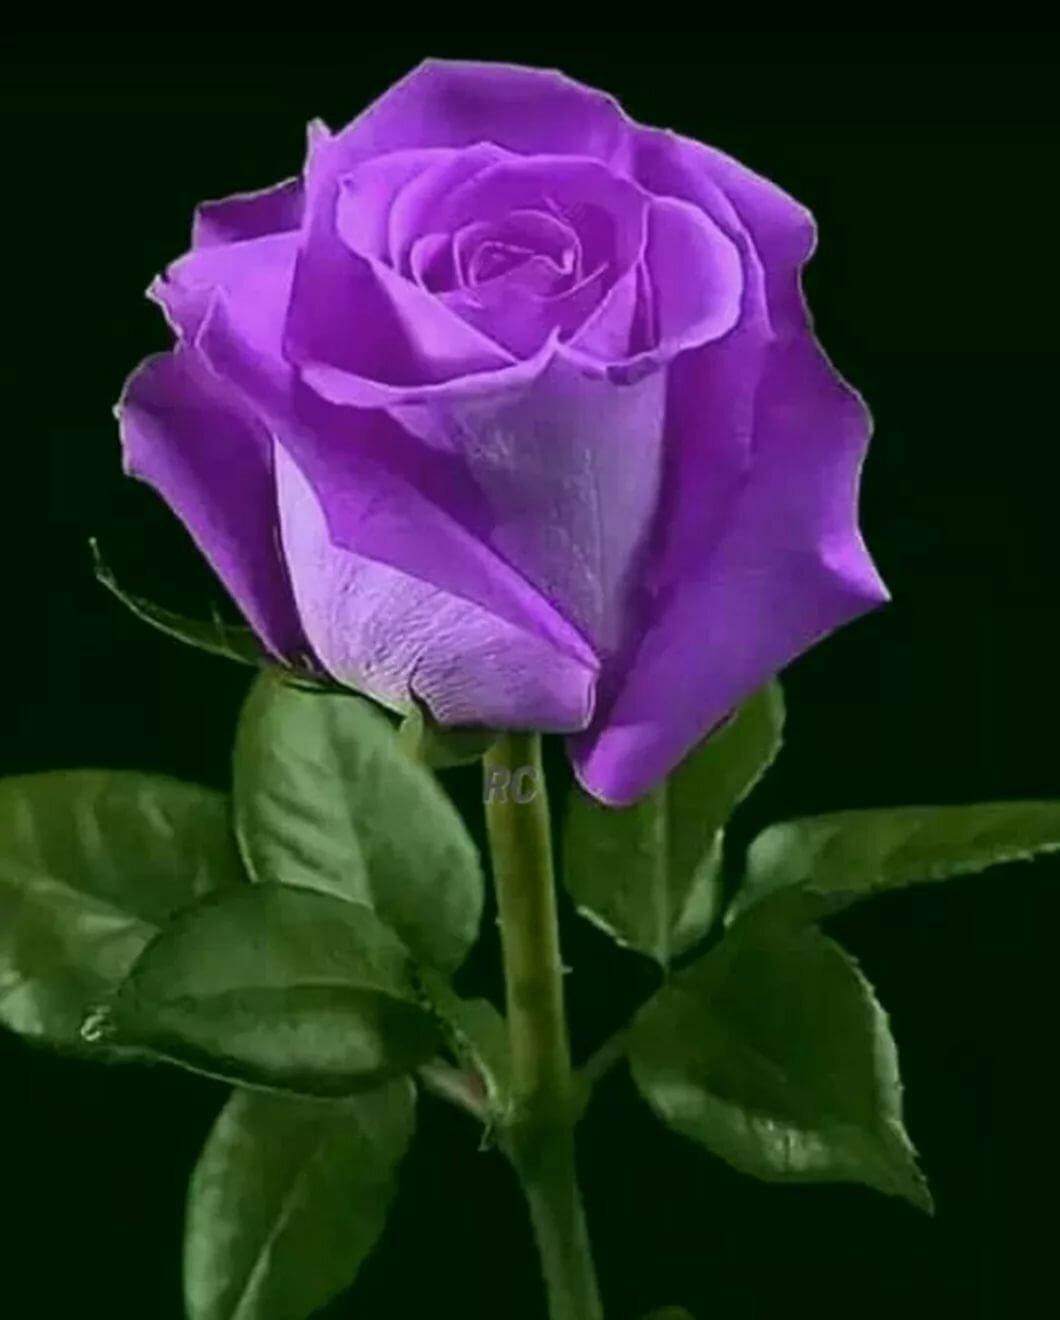 гигант красивая сиреневая роза фото фанера пользуется